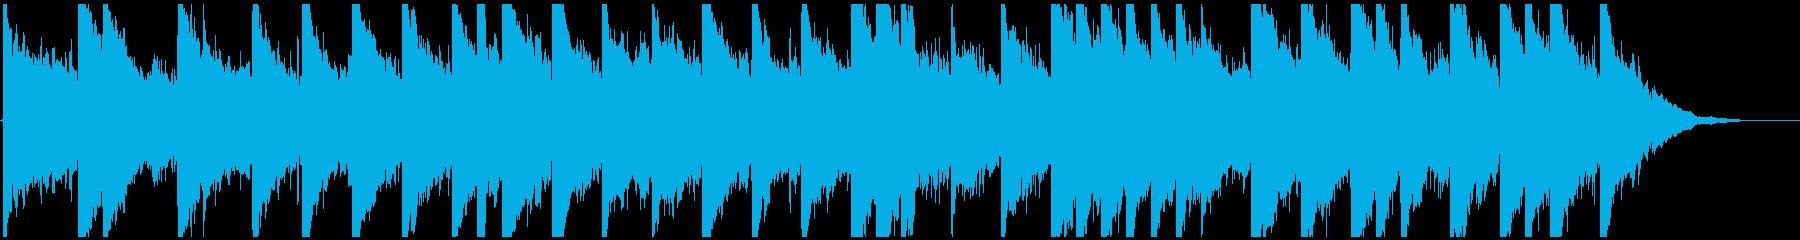 ほのぼのフォーク調BGMの再生済みの波形